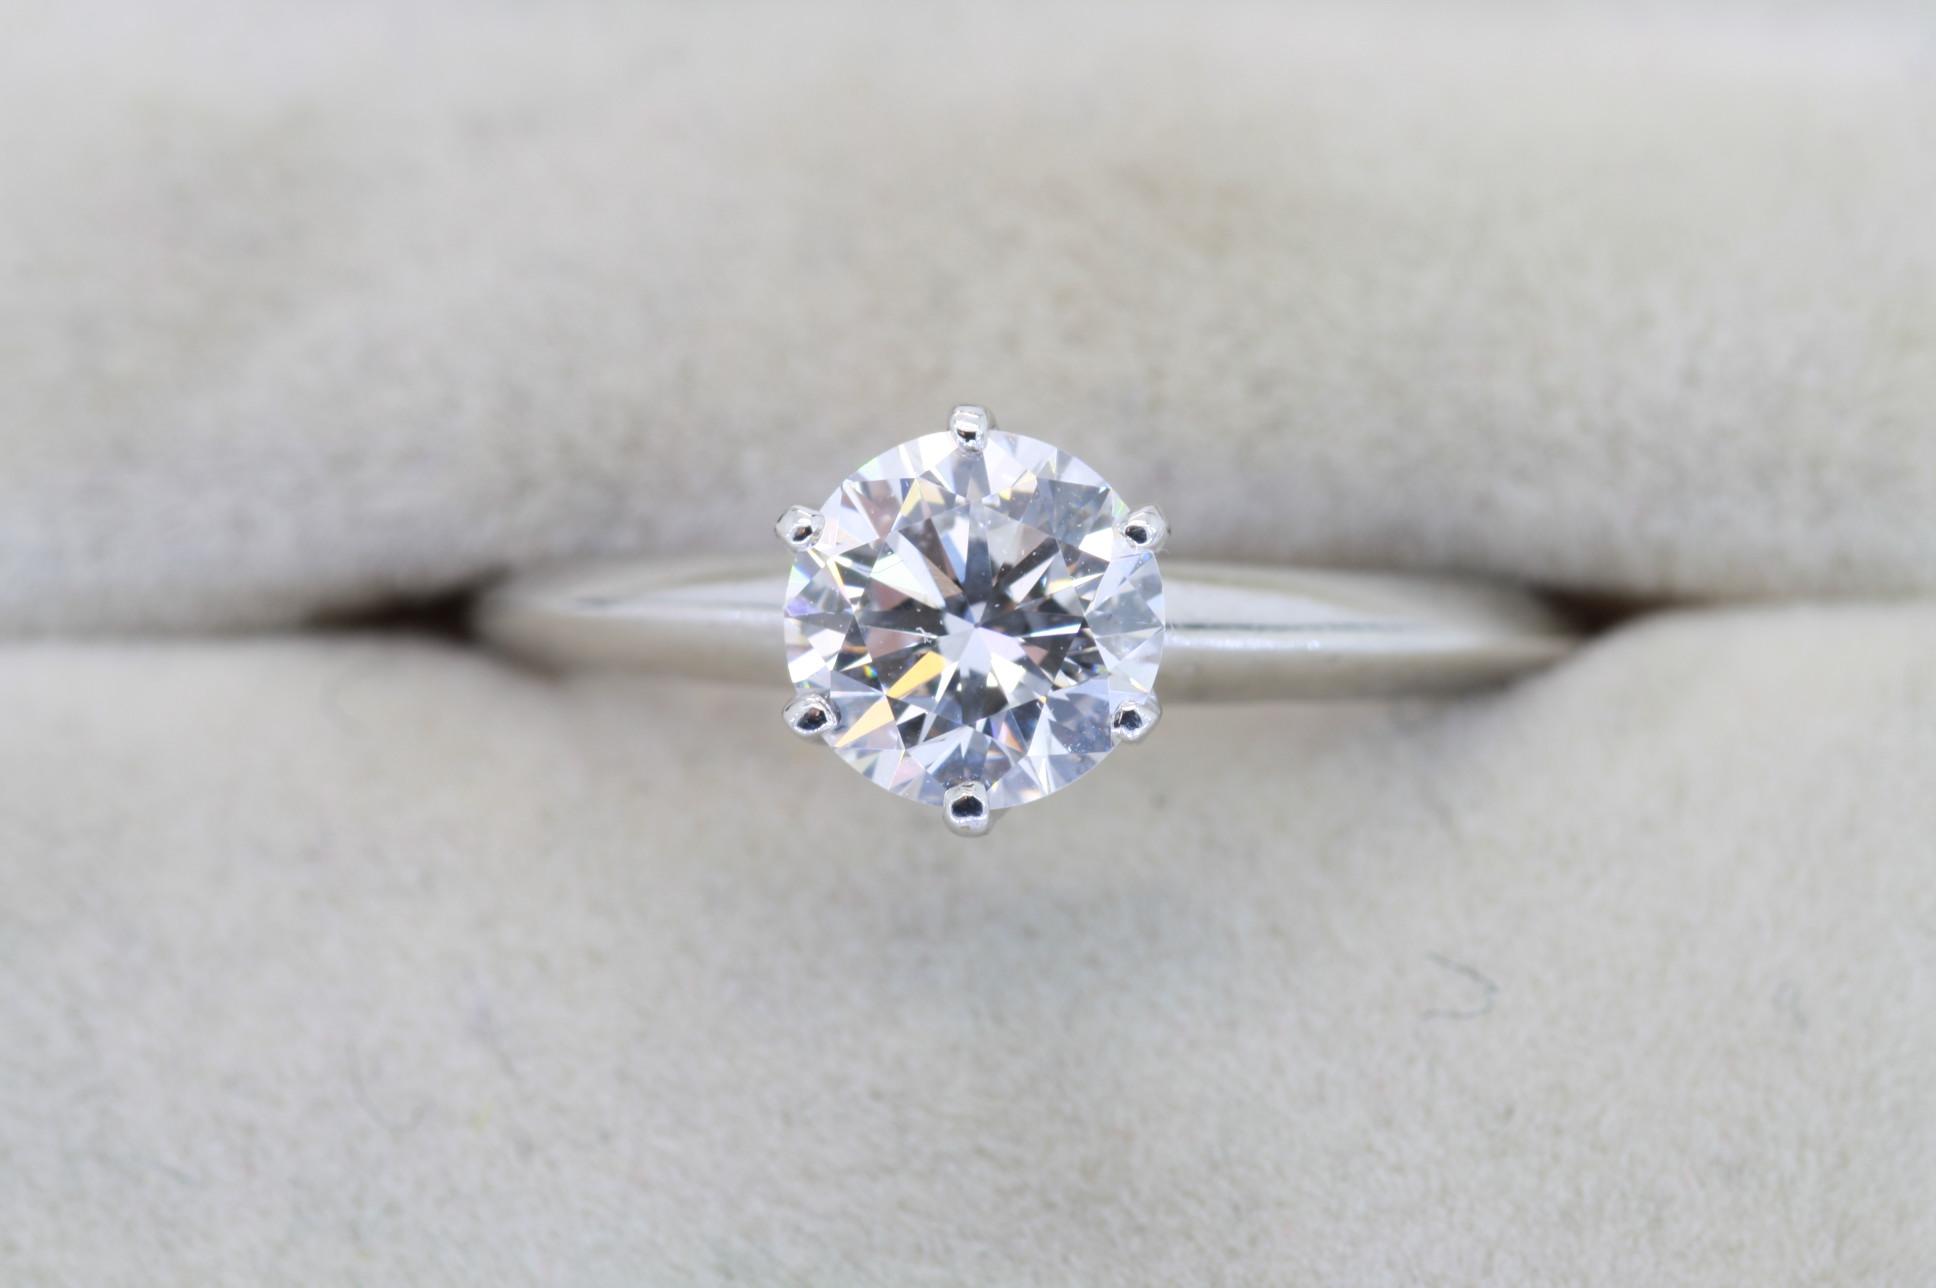 تفسير حلم خاتم الماس